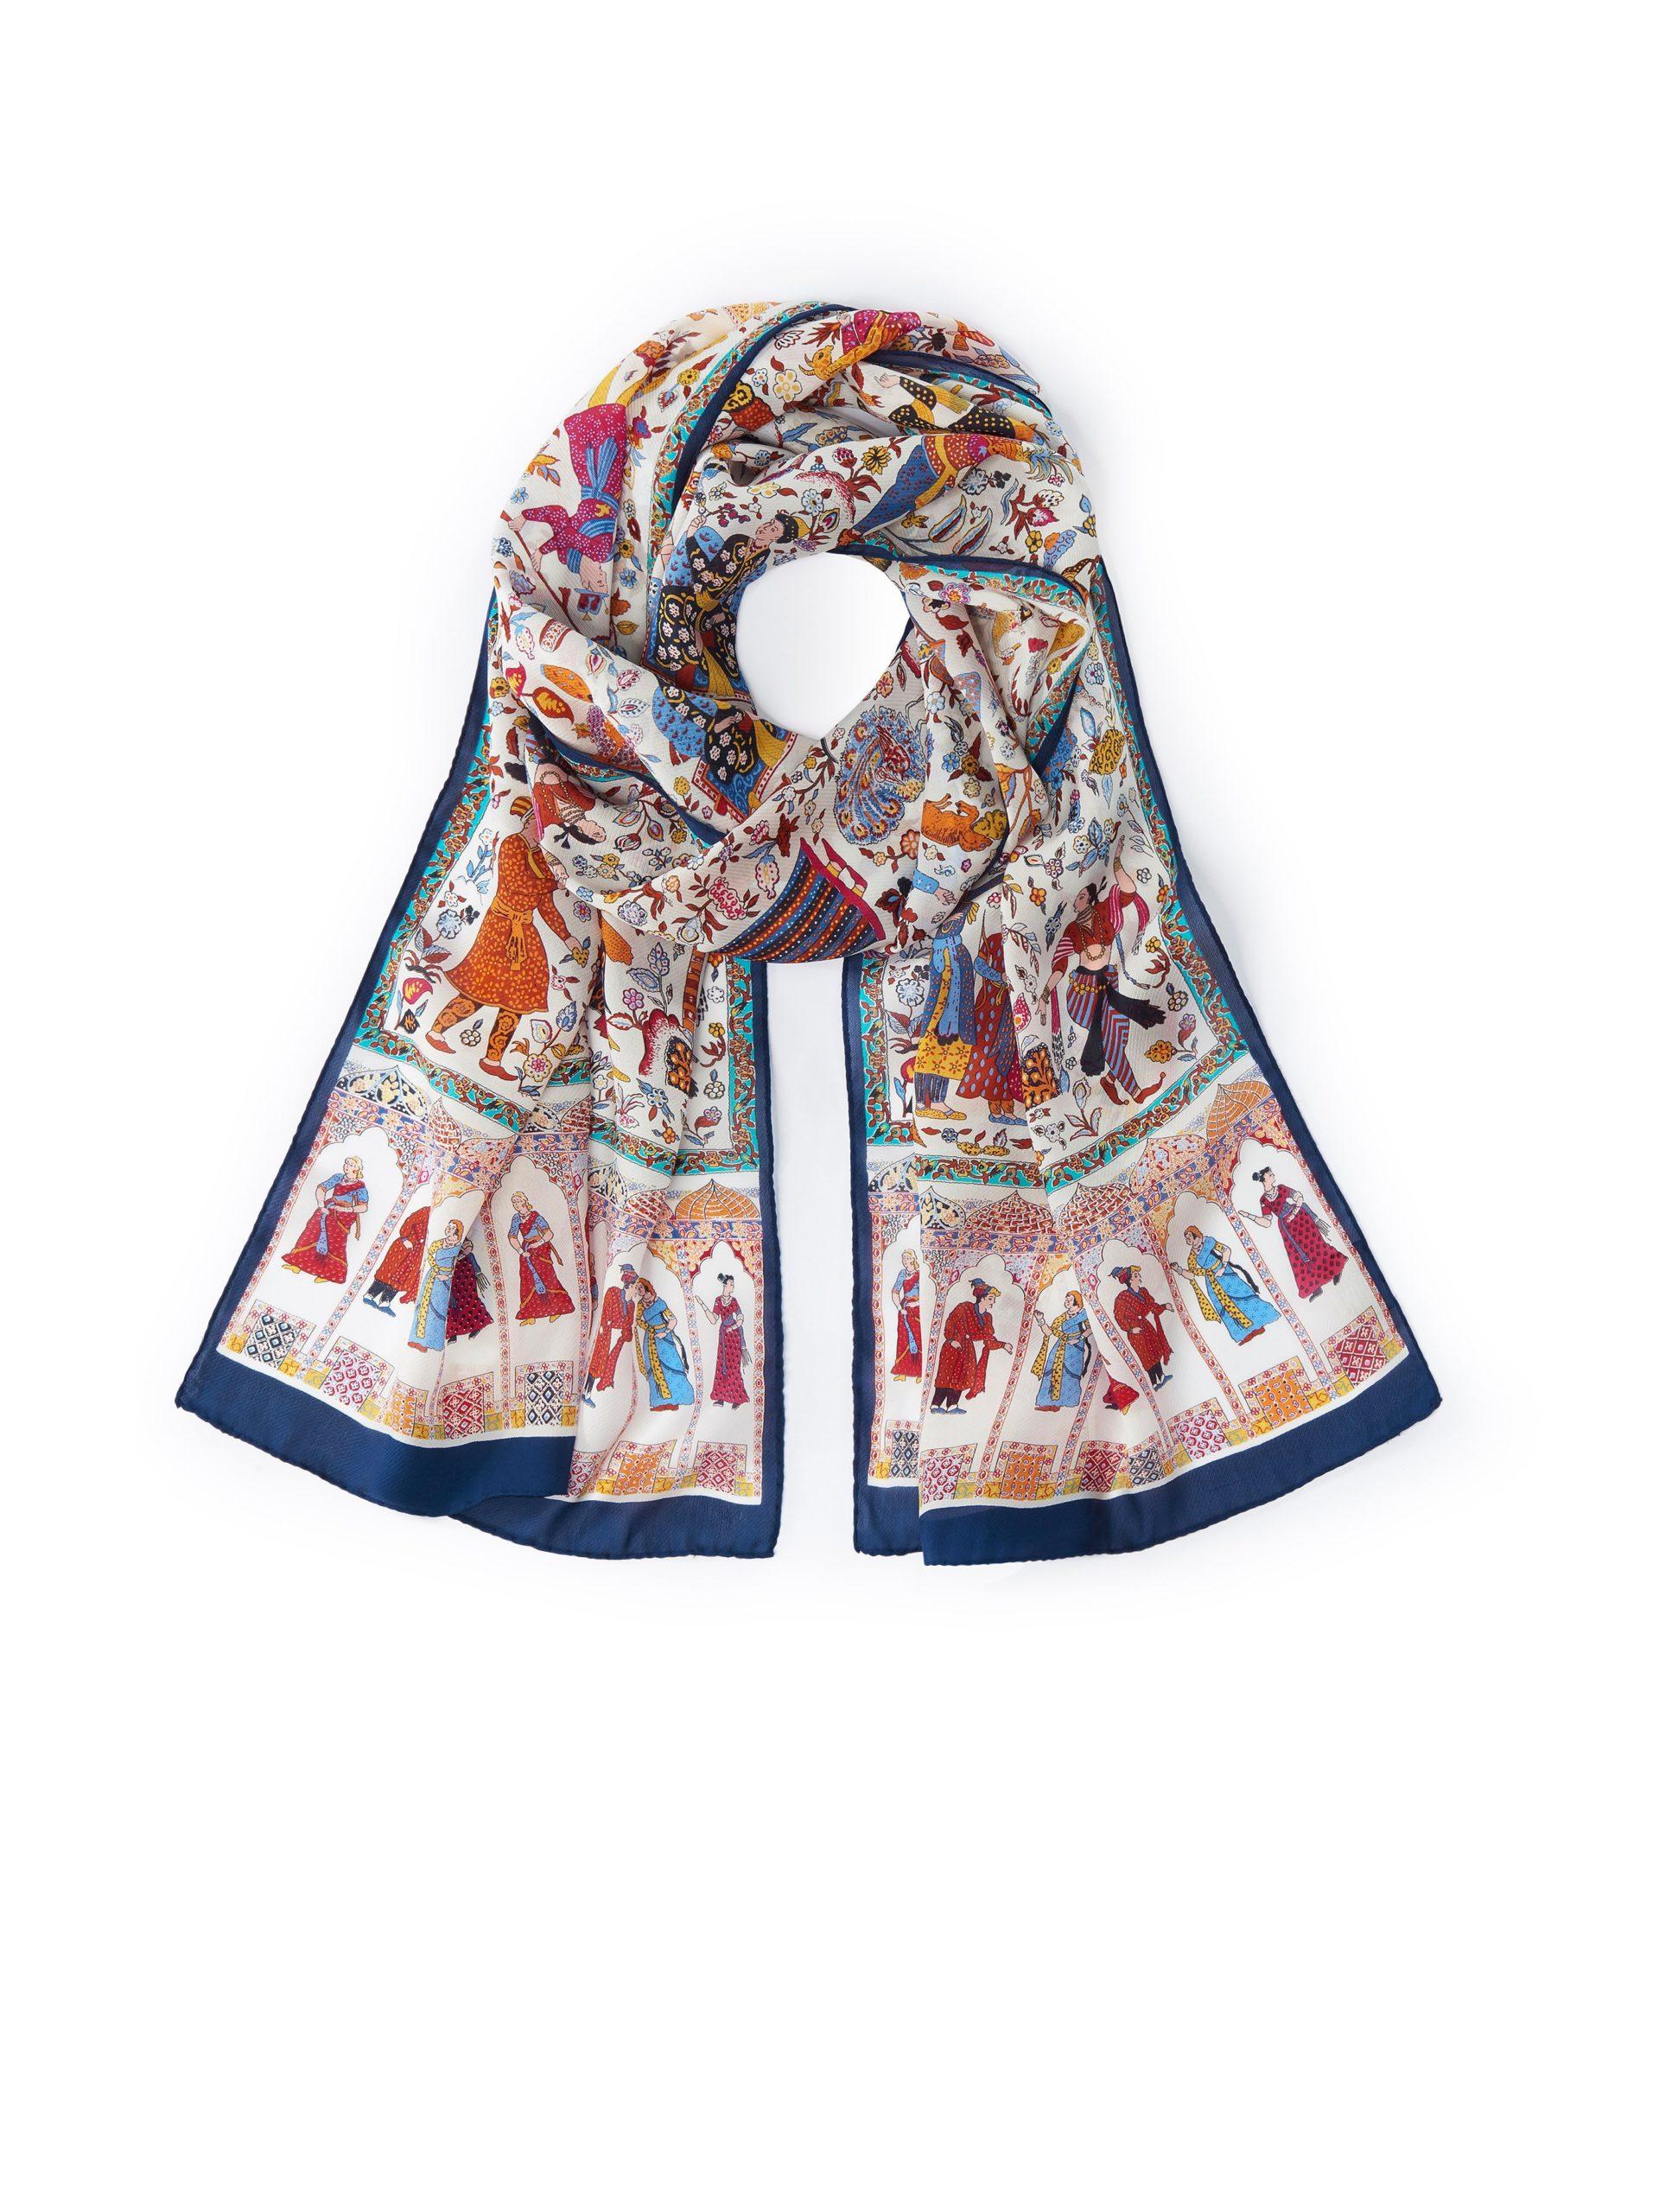 Sjaal 'Egyptenaren' van 100% zijde Van Roeckl multicolour Kopen